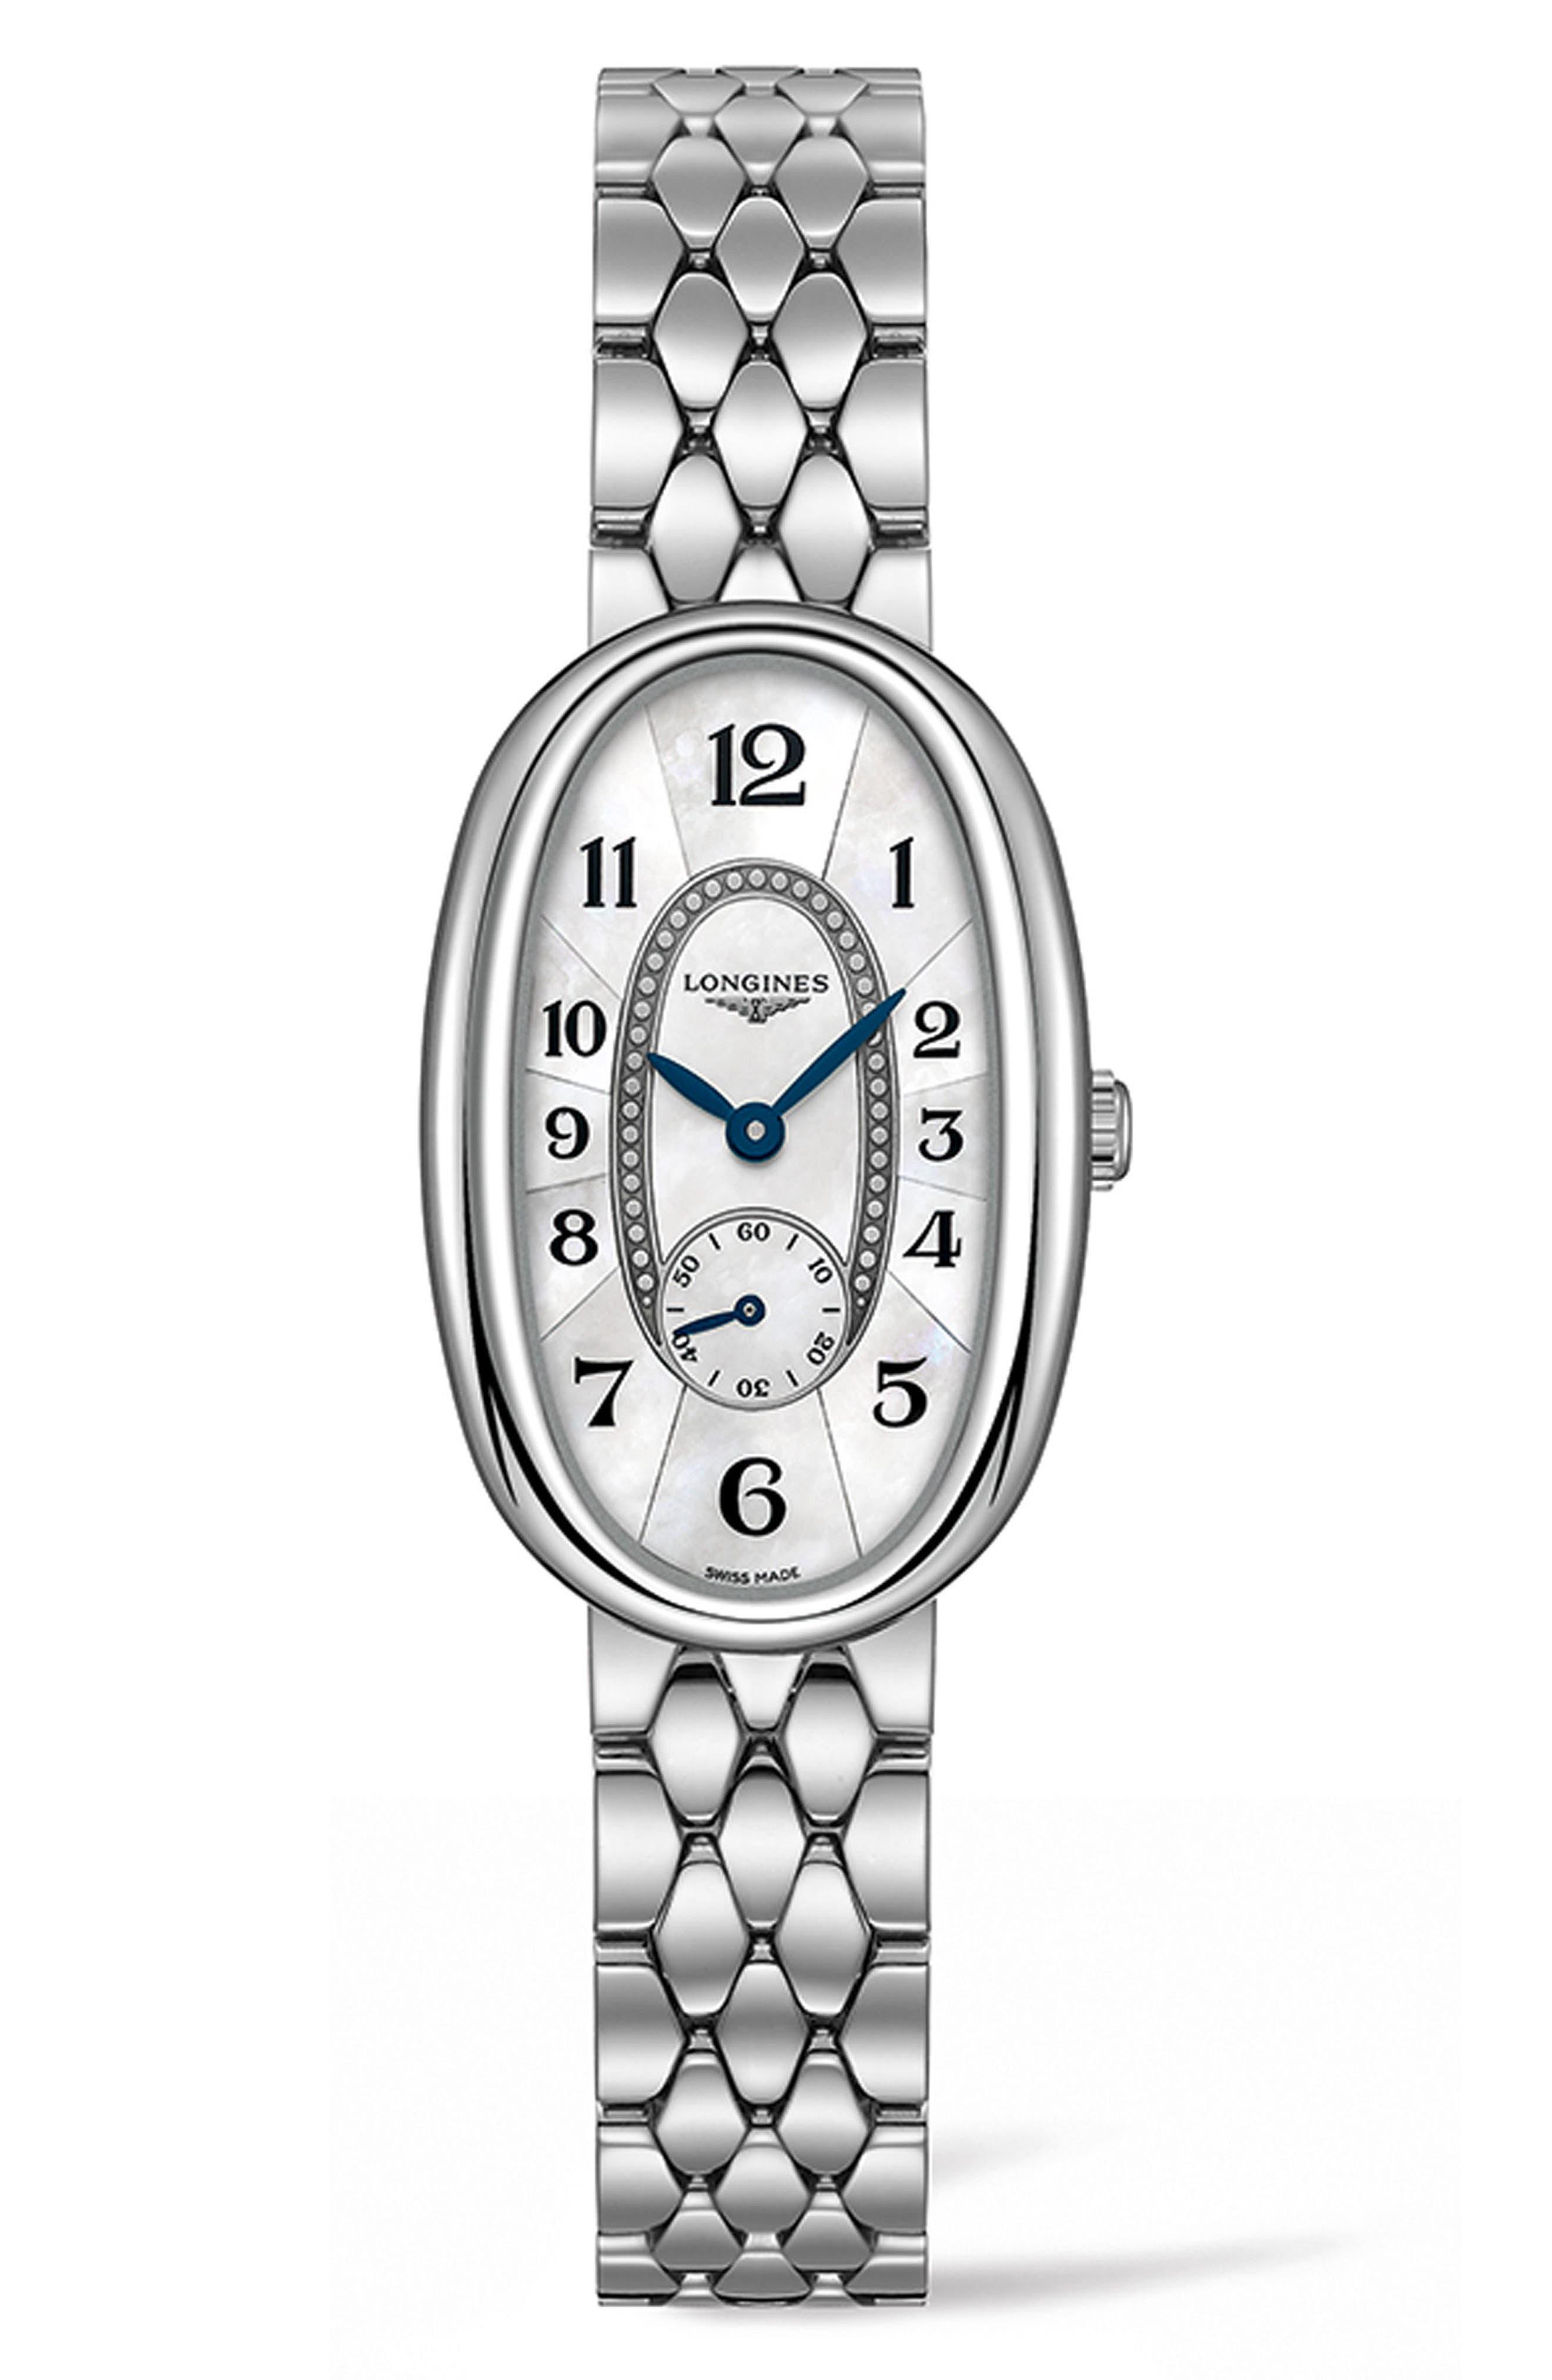 Main Image - Longines Symphonette Bracelet Watch, 21.9mm x 34mm